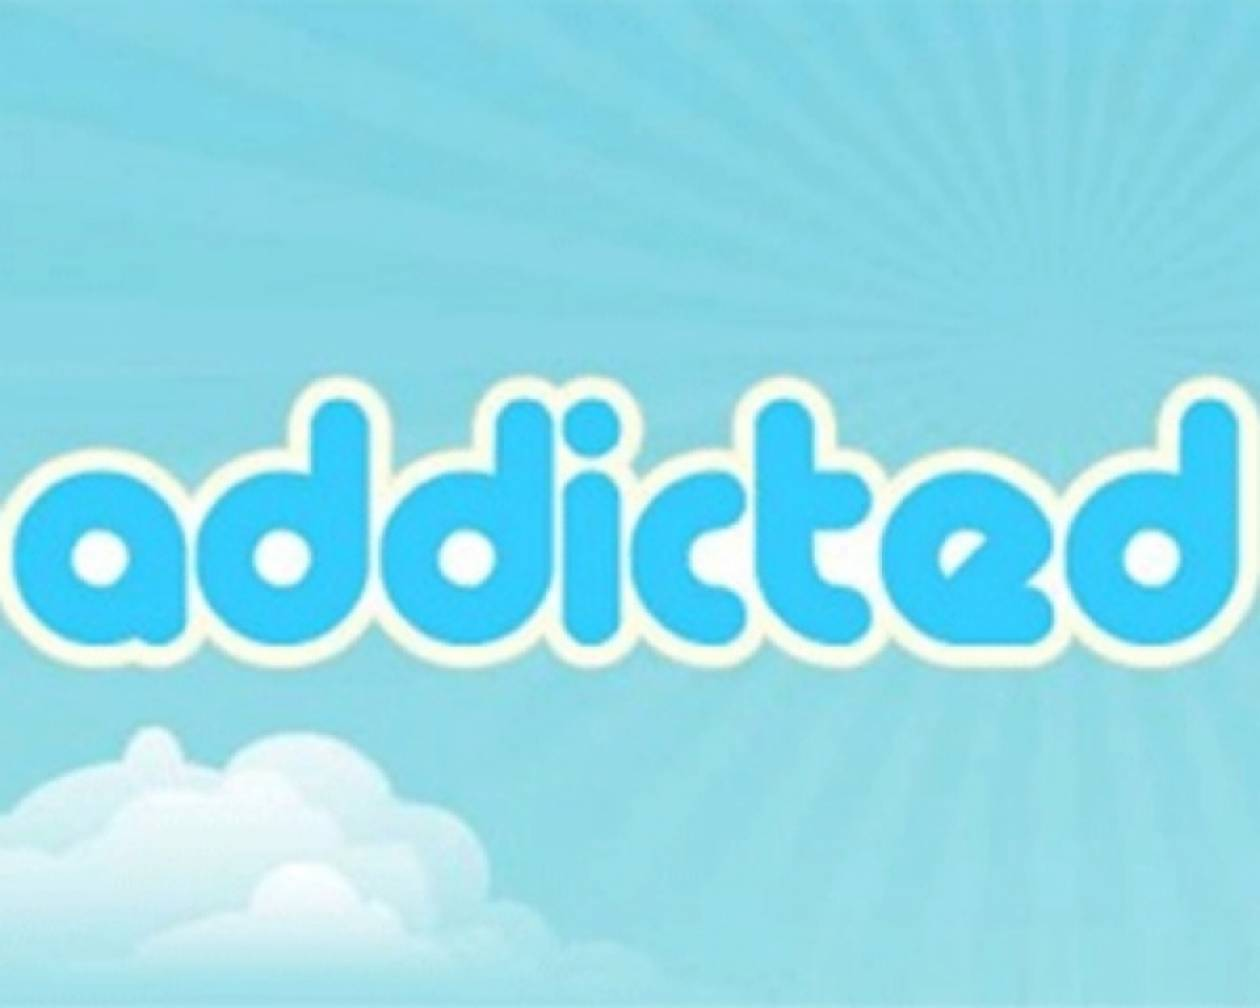 Λογαριασμός στο Twitter κάνει 23.000 tweets την ημέρα!